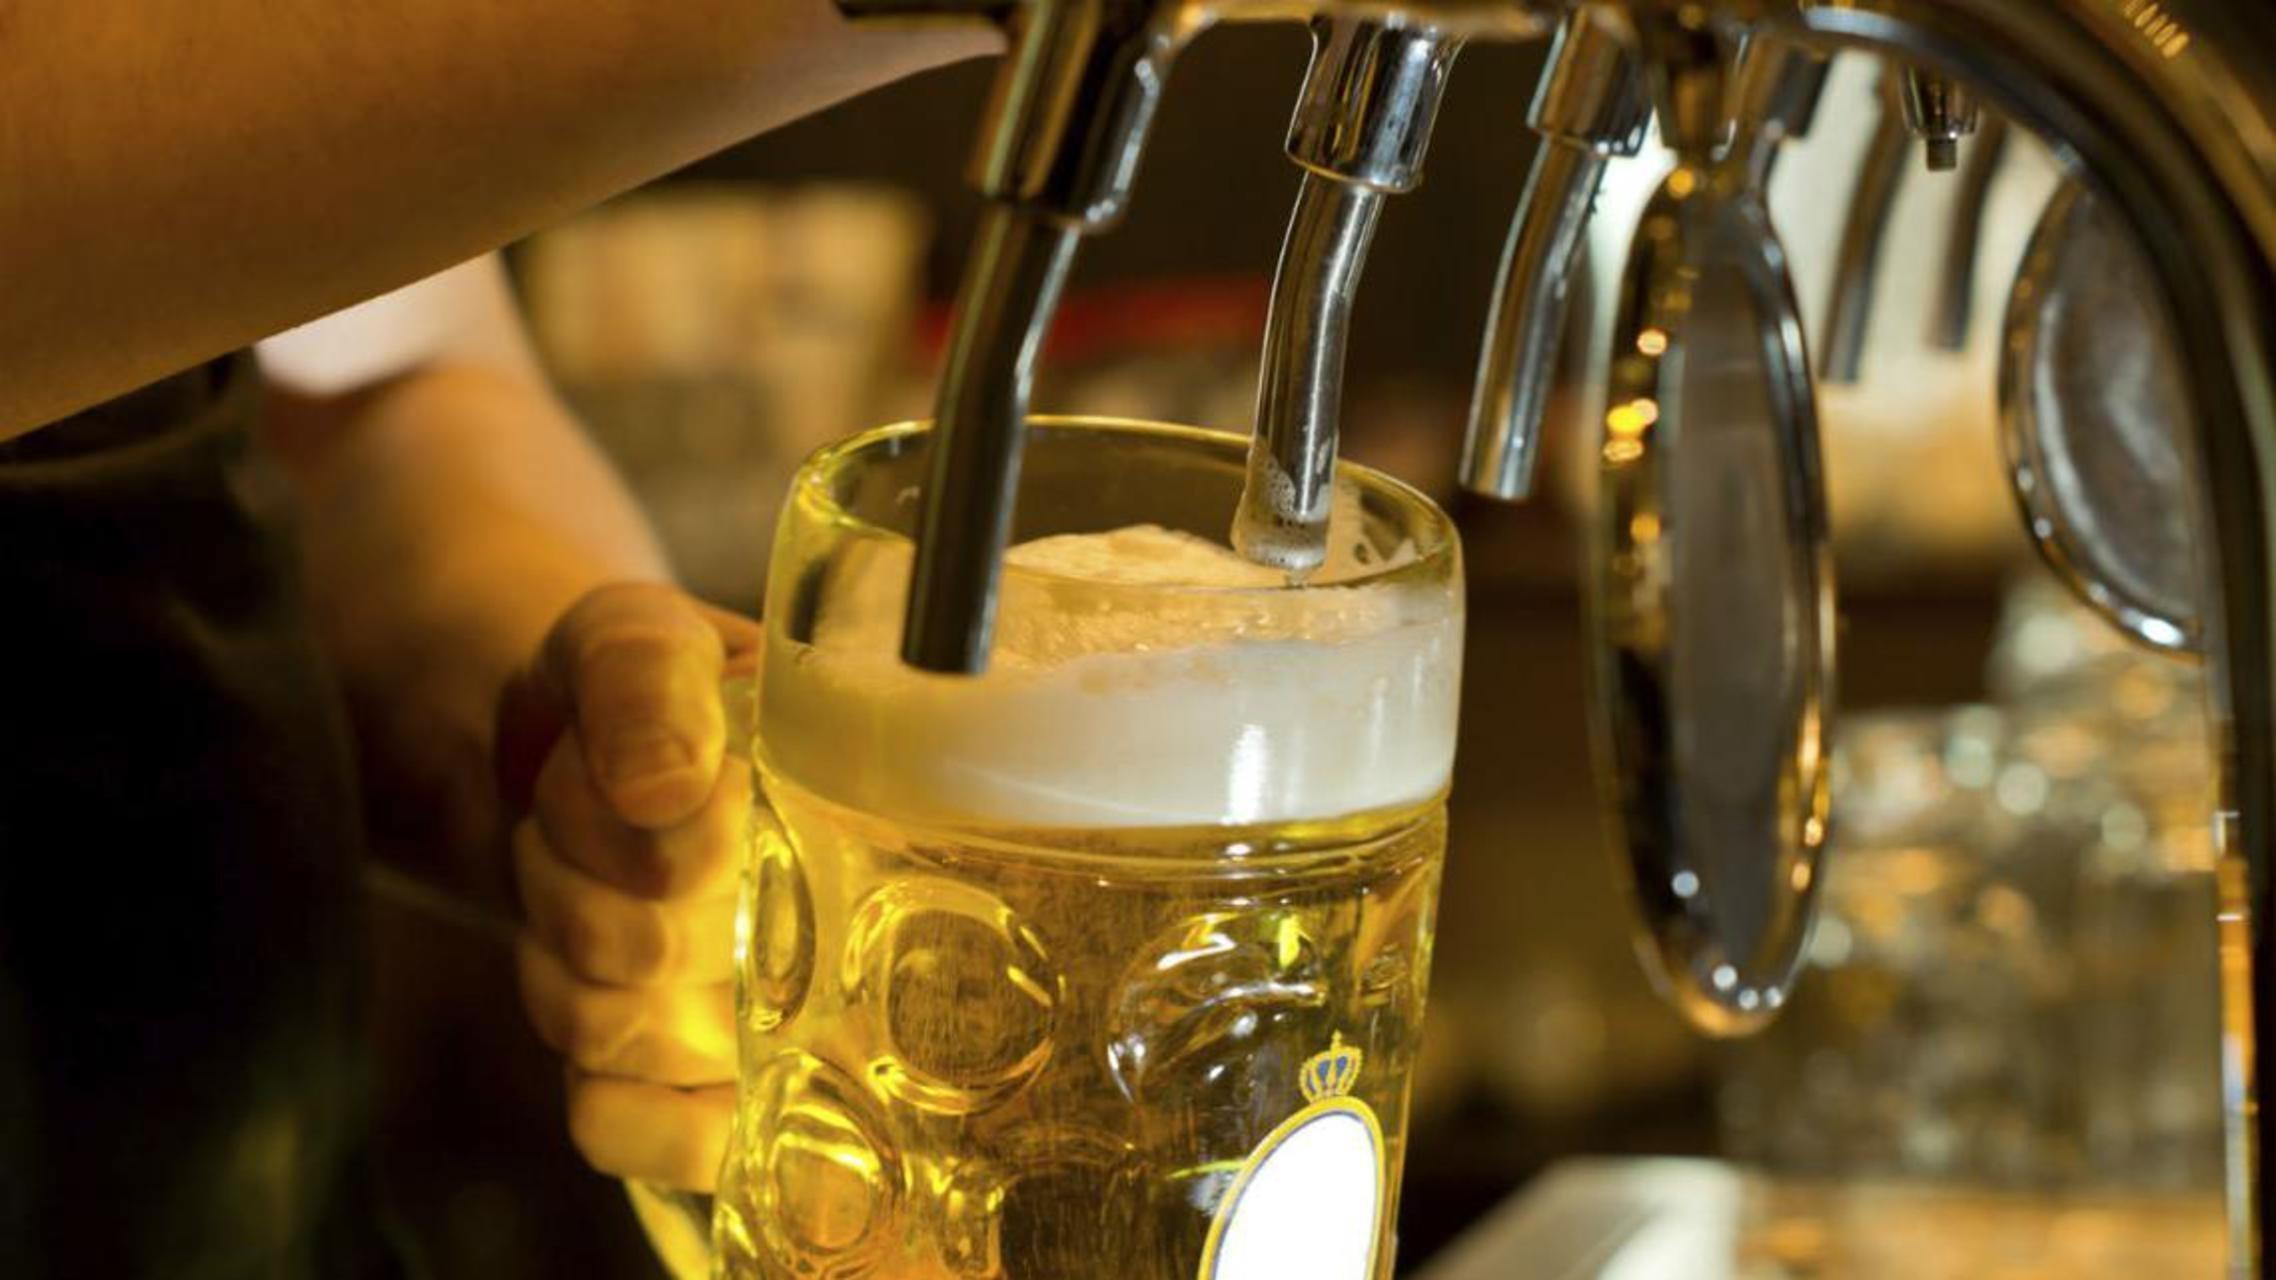 beer bar file1200 - Bebidas alcoólicas são mais eficazes que paracetamol para aliviar a dor, diz estudo